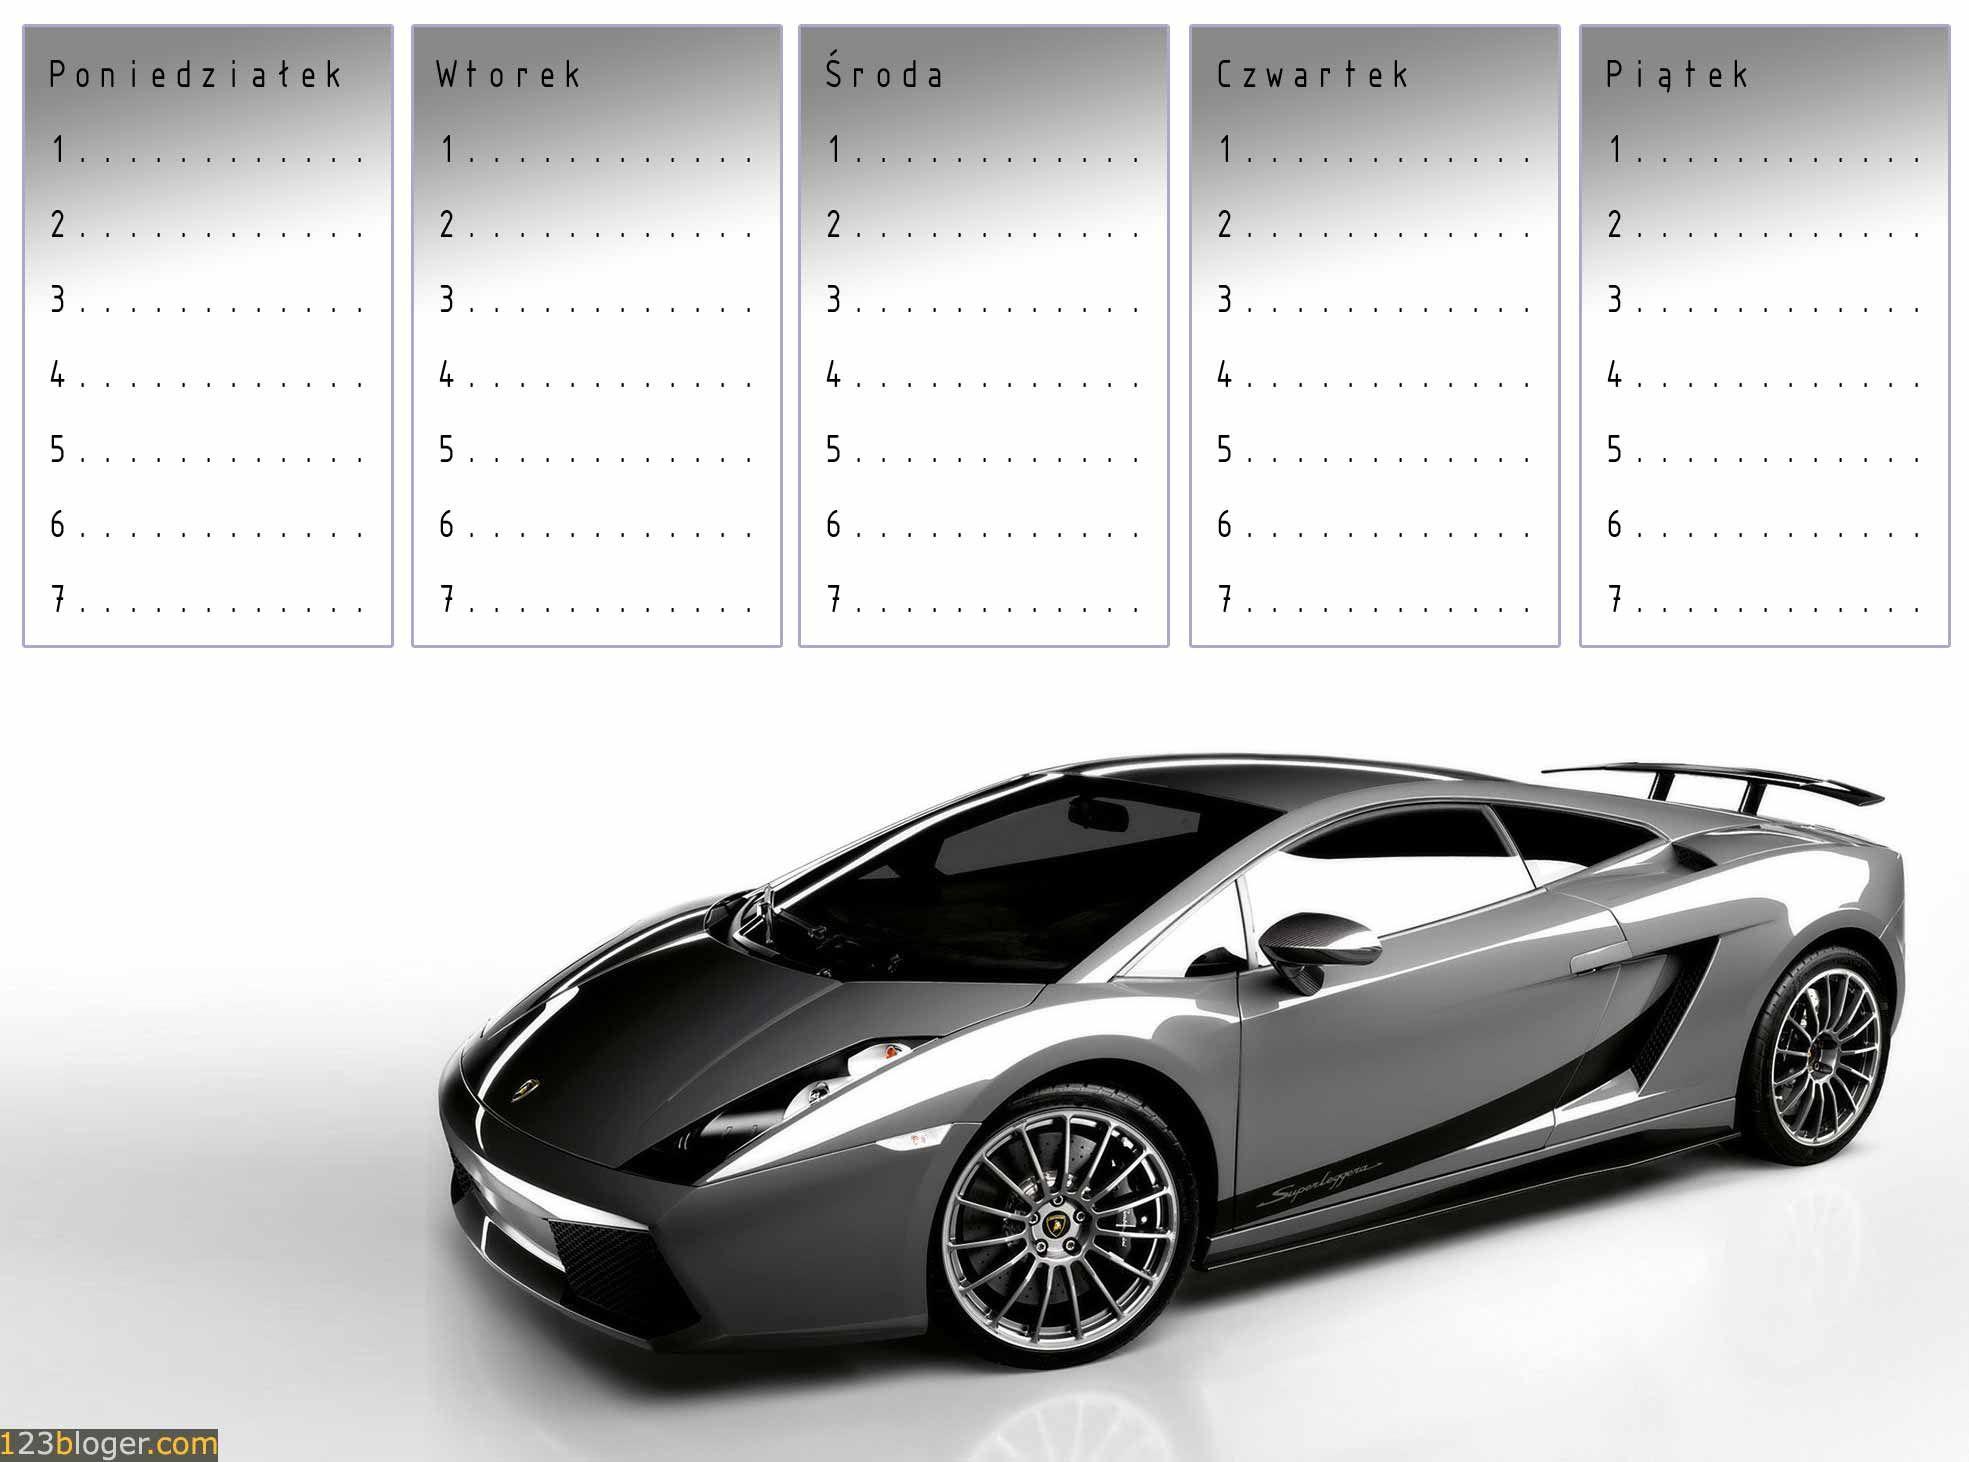 Znalezione Obrazy Dla Zapytania Plan Lekcji Z Samochodem Sports Car Car Sports